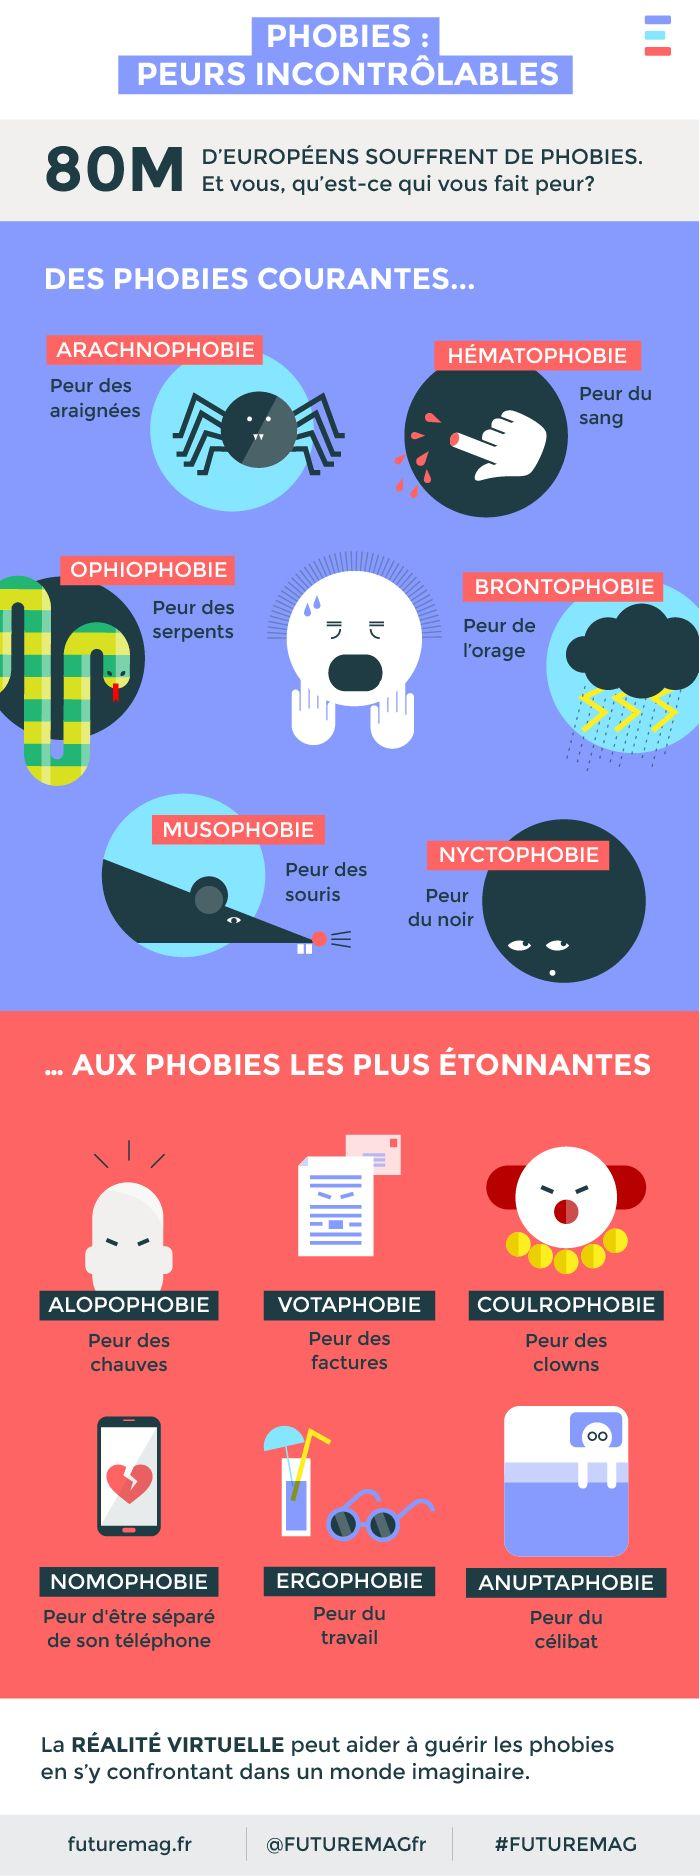 CestFranc : Les peurs et les phobies en cours de FLE - http://apfvalblog.blogspot.com.es/2015/10/les-peurs-et-les-phobies-en-cours-de-fle.html